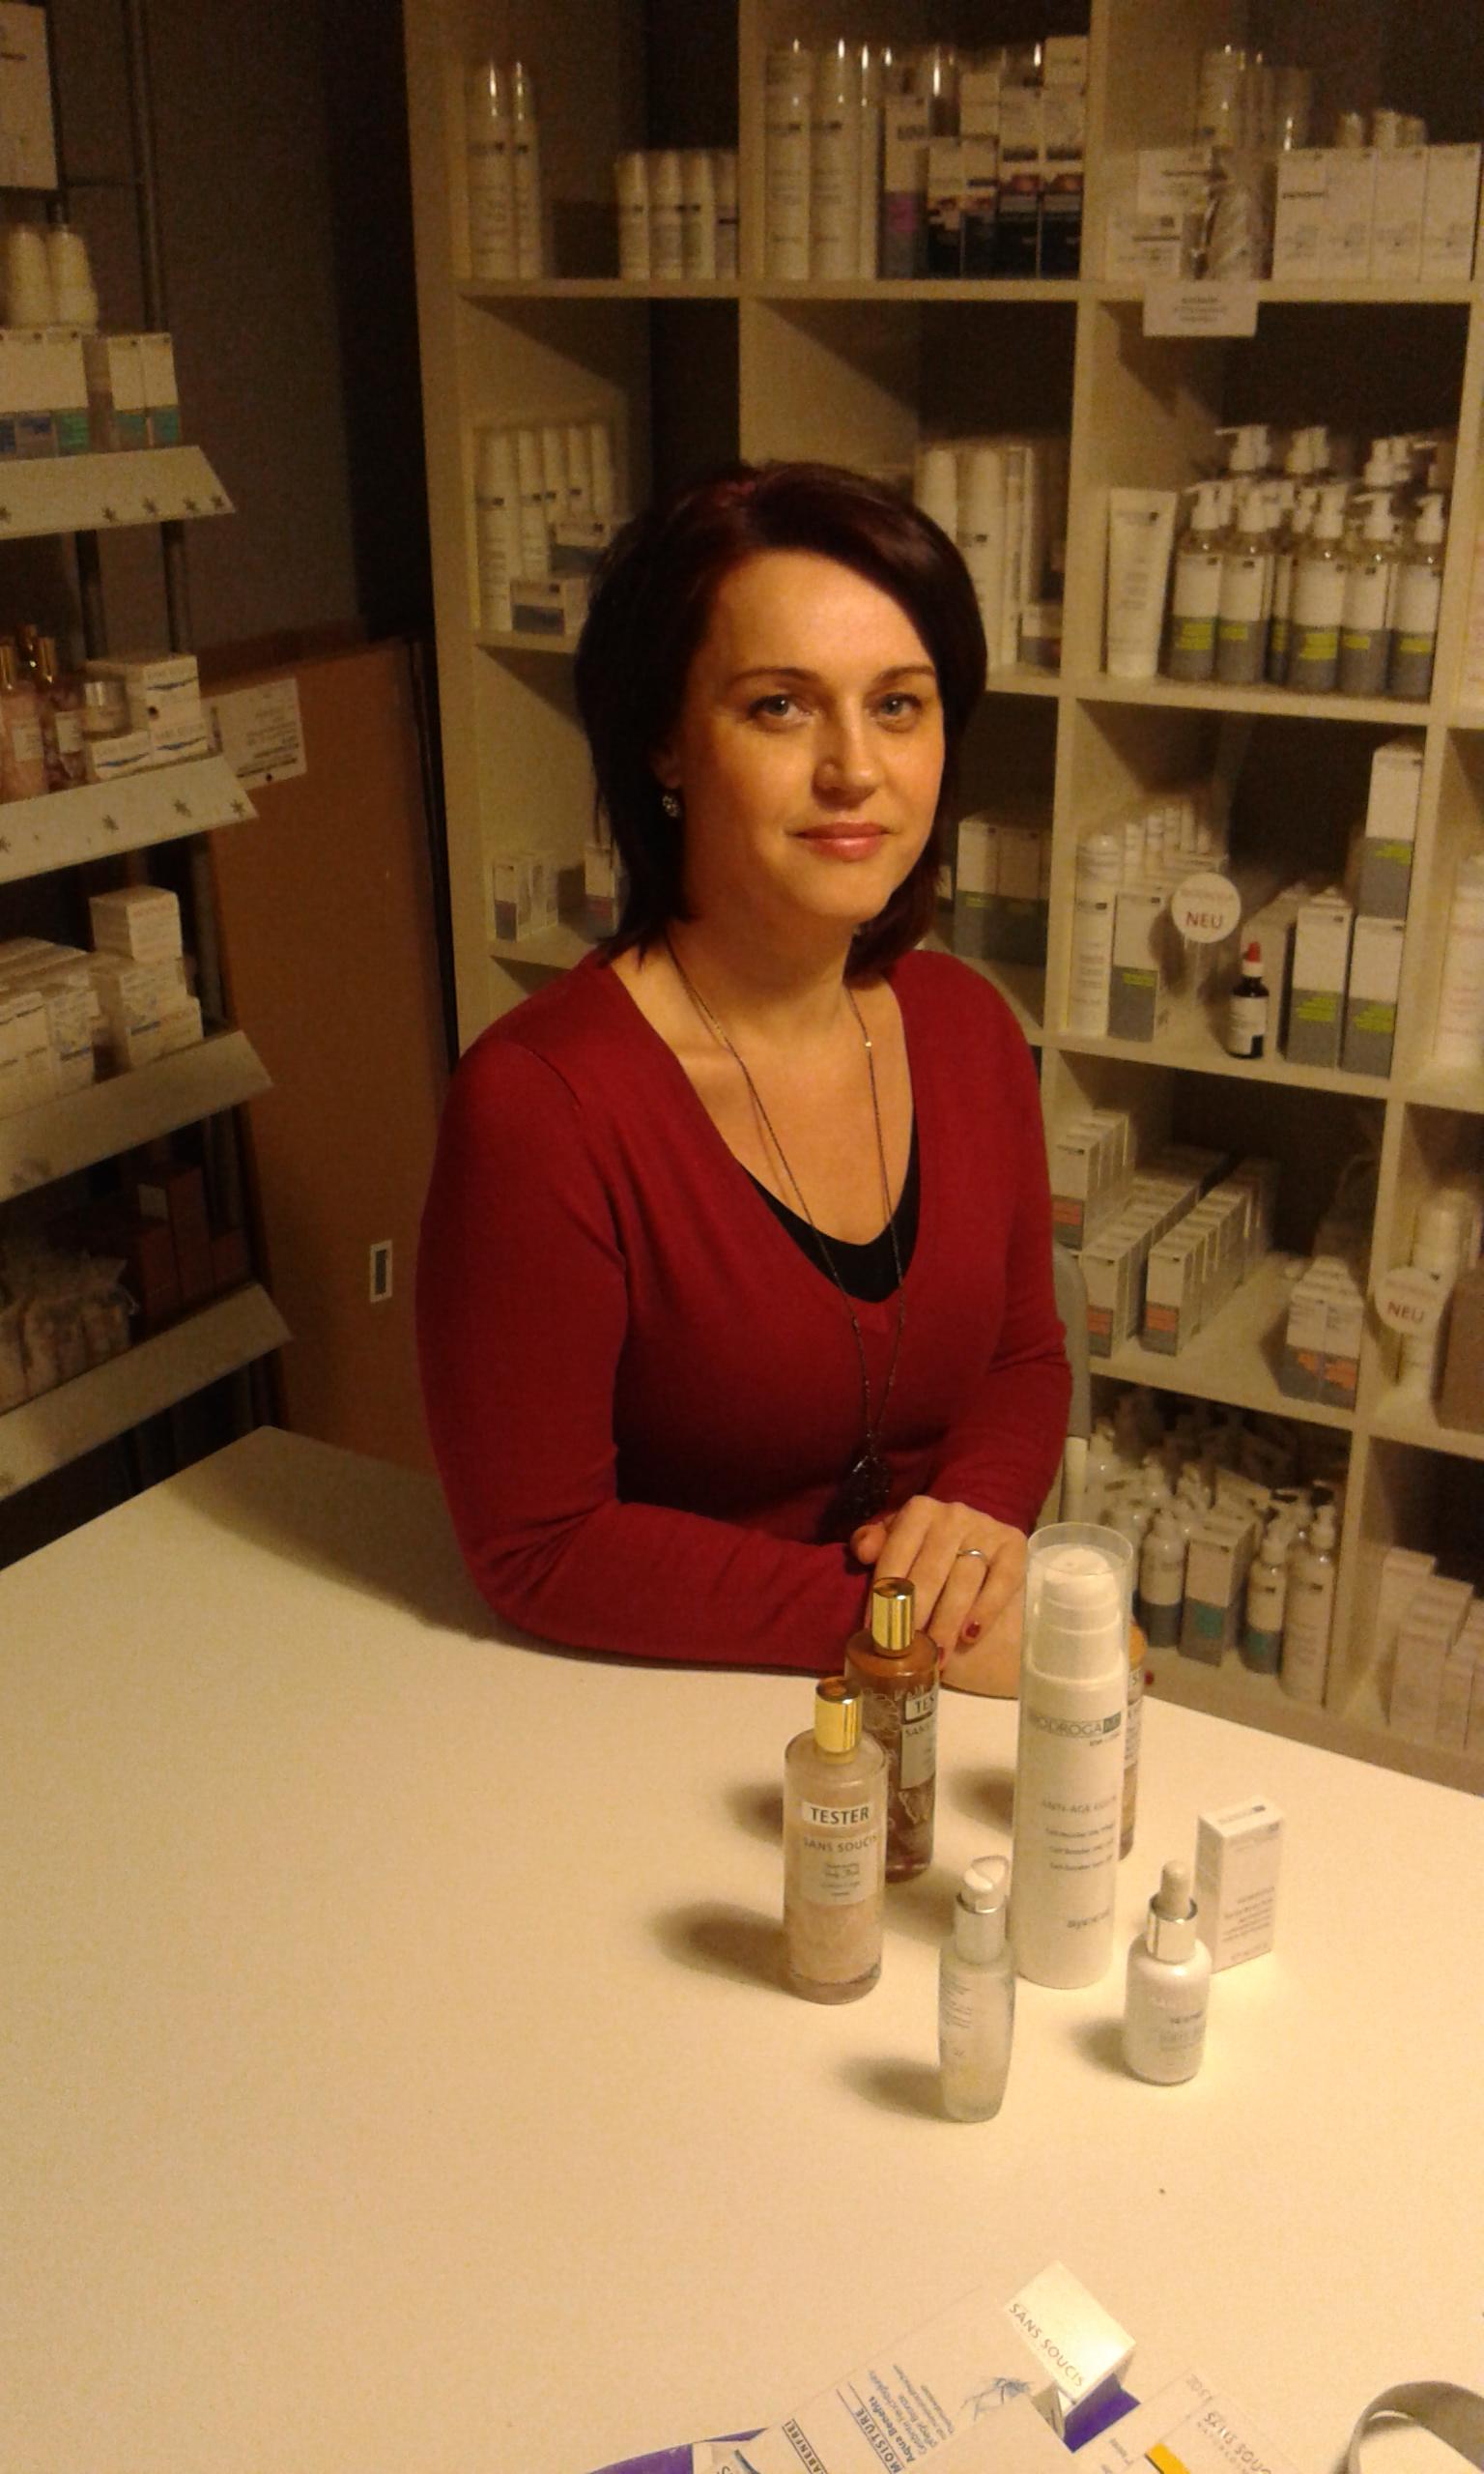 gyémántfejes hámlasztás, mikrodermabrázió, arckezelés, kozmetikai kezelés, arcfiatalítás, dermaroller dermokozmetikum